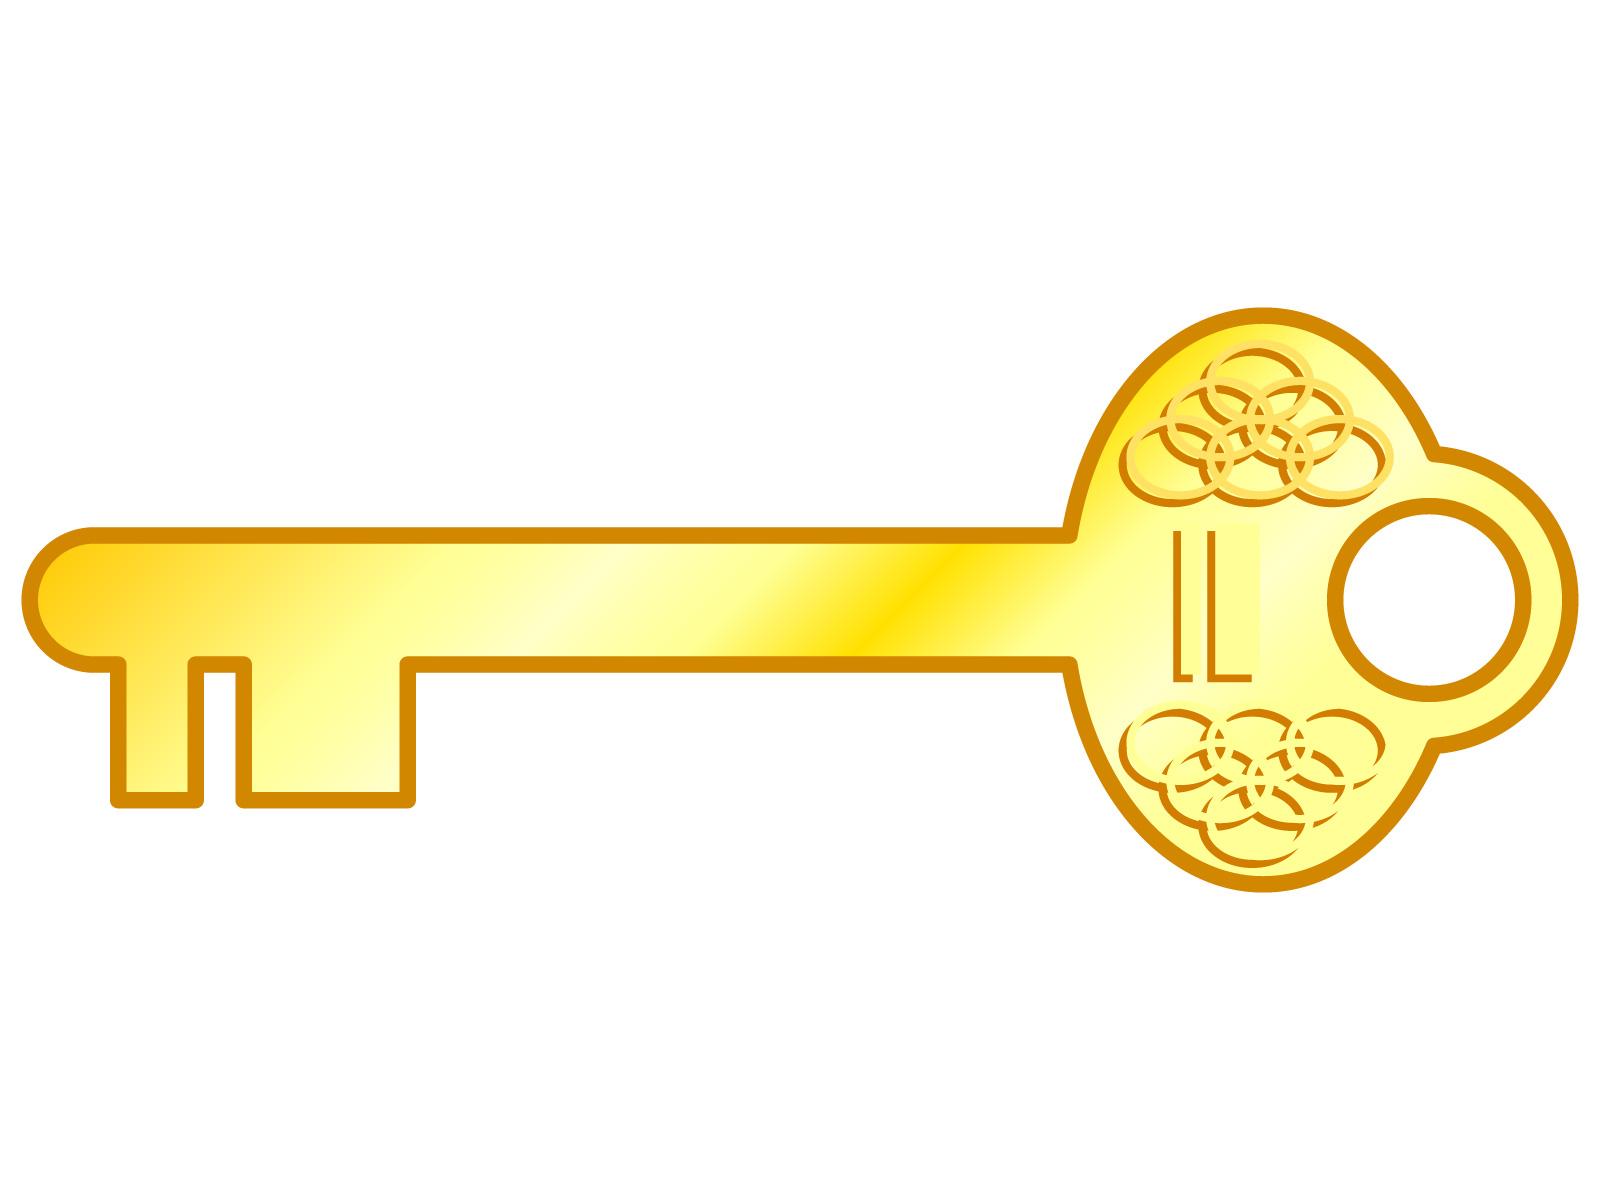 покрывать золотой ключик буратино картинка распечатать шаблон любой нормальный